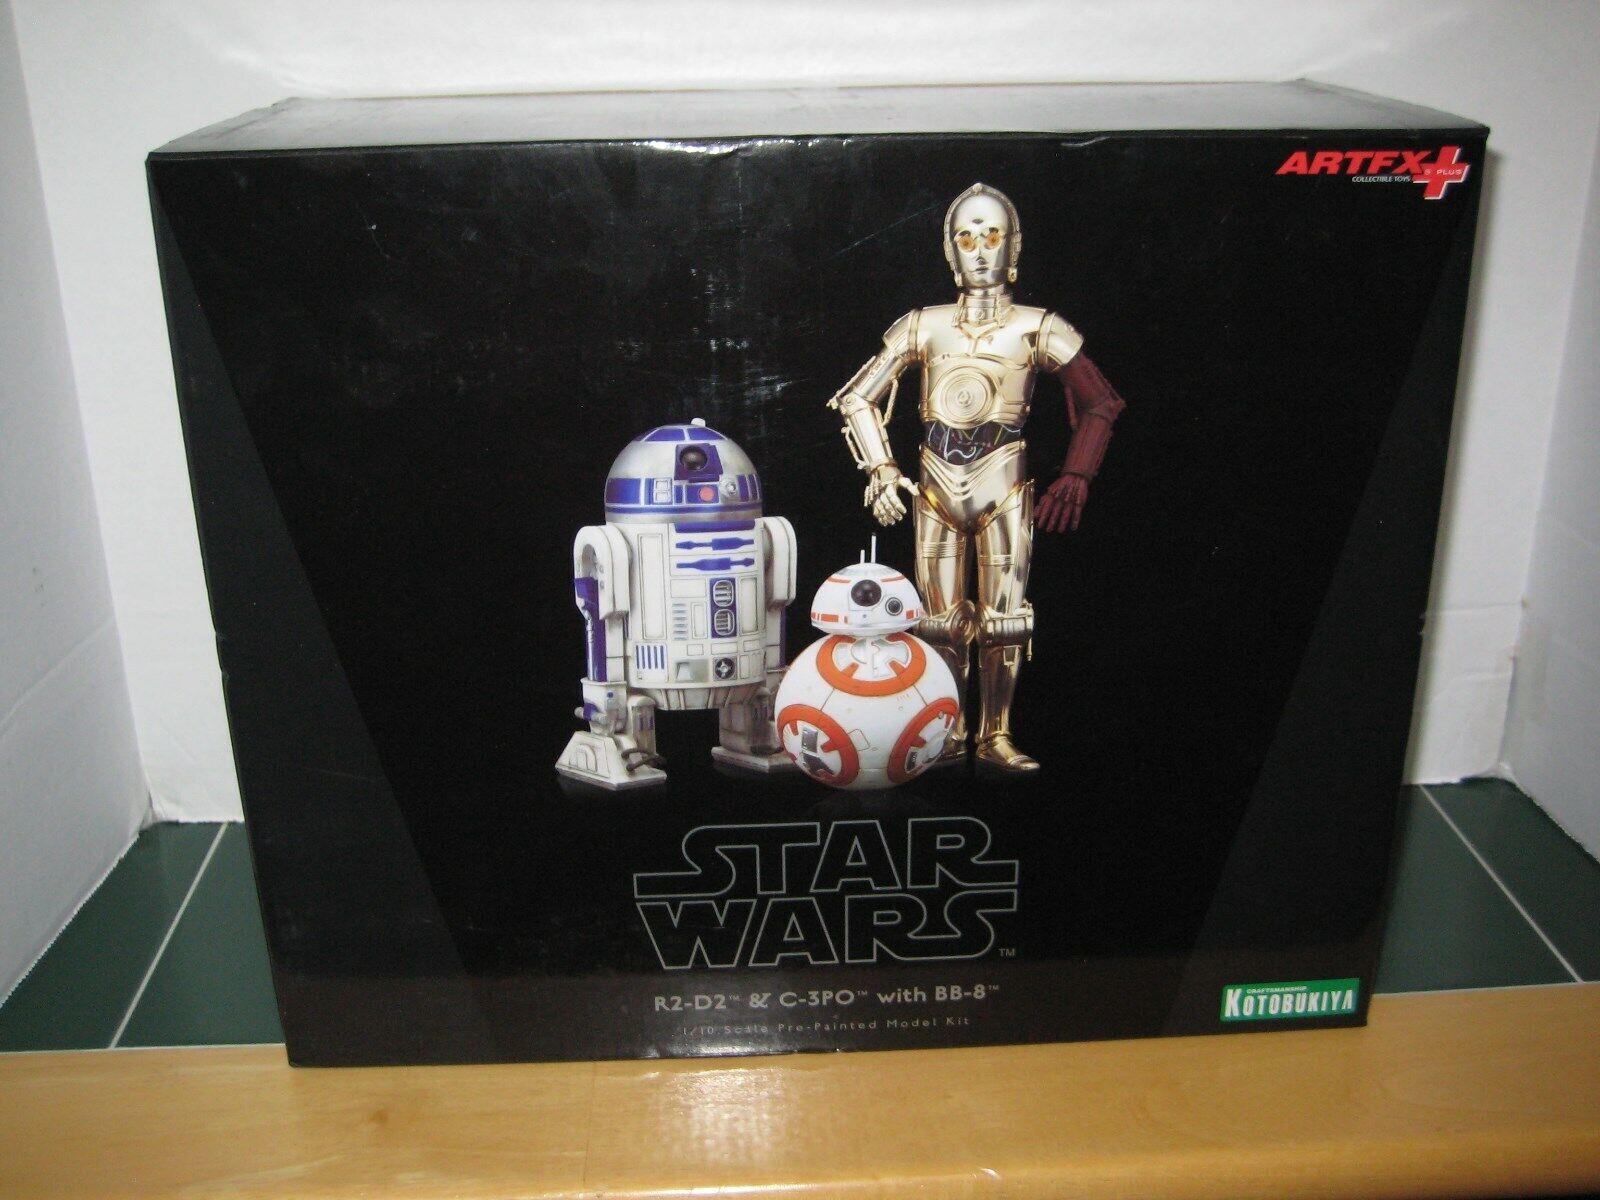 Seleccione de las marcas más nuevas como Estrella Wars R2-D2 y C-3PO C-3PO C-3PO con BB-8 Kotobukiya 1 10 Escala Modelo Kit pre-pintado  100% a estrenar con calidad original.